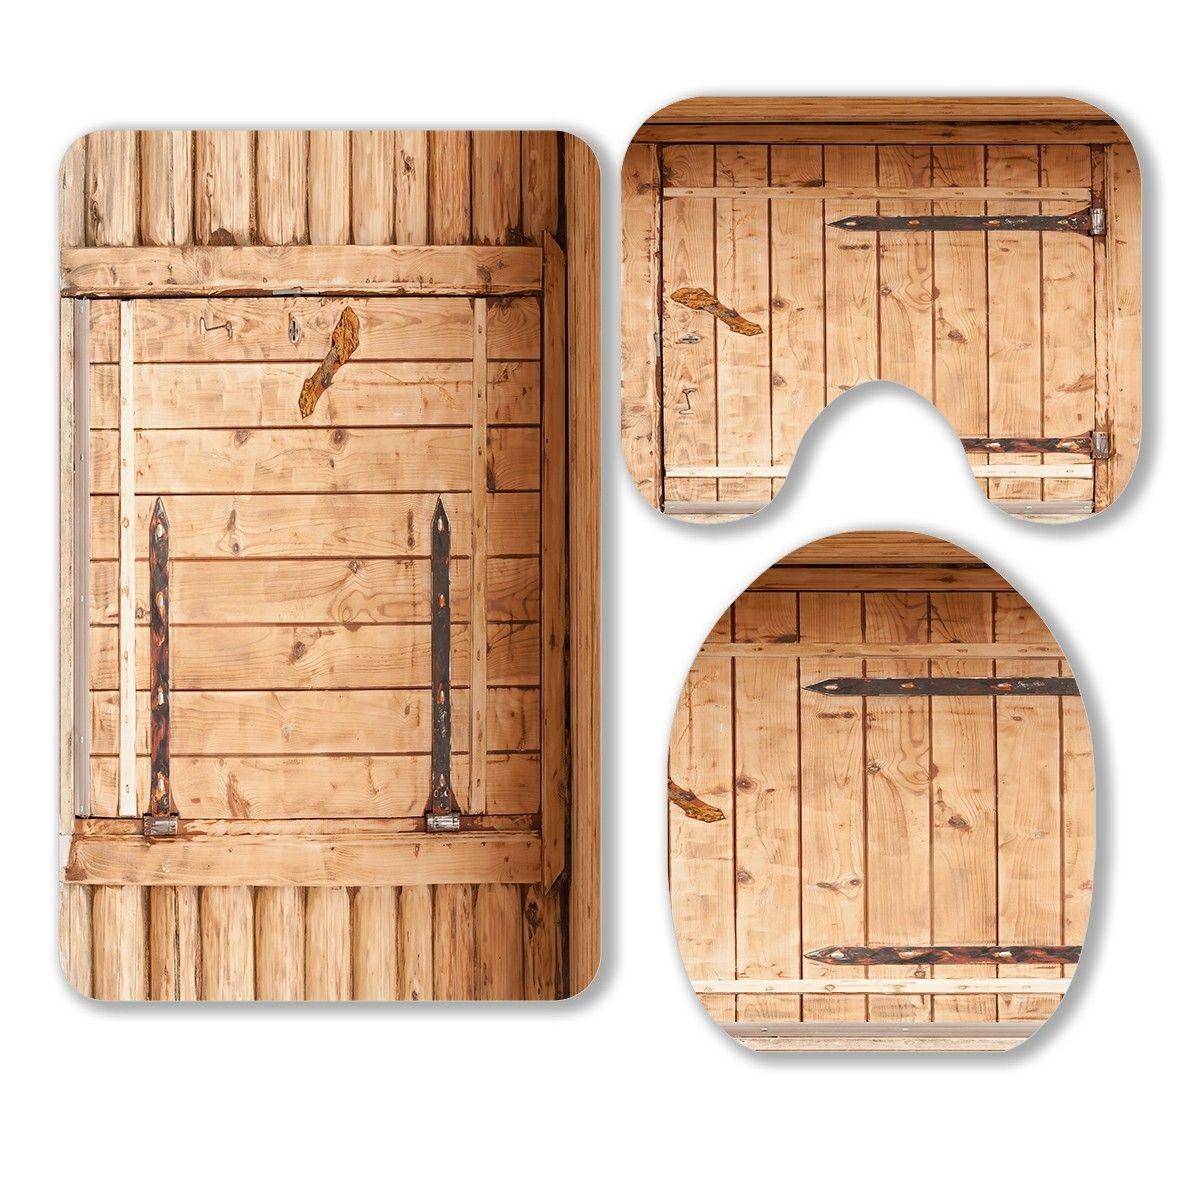 Wooden Brown Door In Rustic 3 Piece Bathroom Rugs Set Bath Rug Contour Mat And Toilet Lid Cover In 2020 Bathroom Rug Sets Brown Doors Rustic